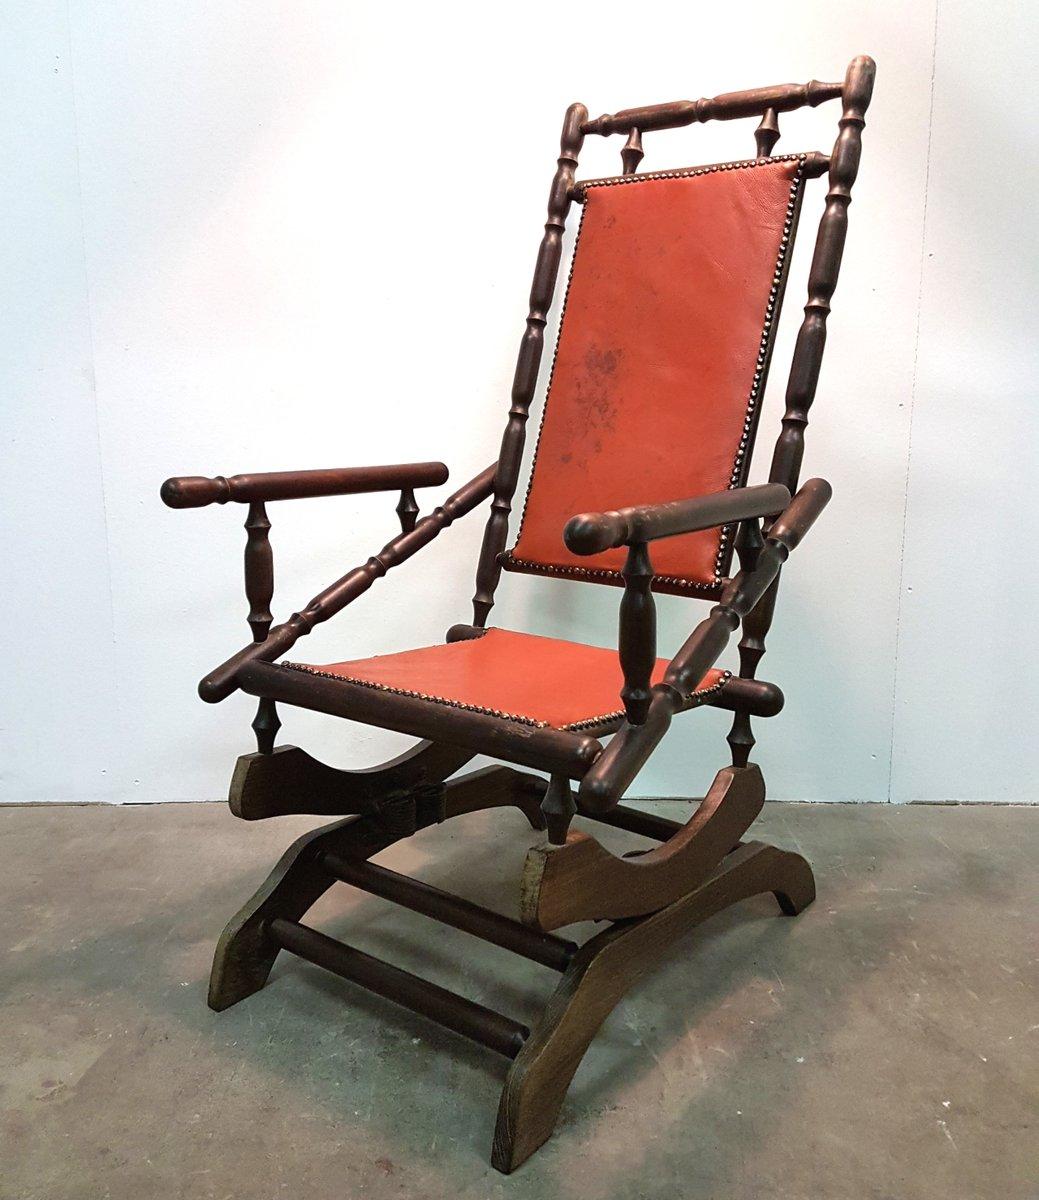 skandinavischer vintage schaukelstuhl mit patiniertem leder bei pamono kaufen. Black Bedroom Furniture Sets. Home Design Ideas